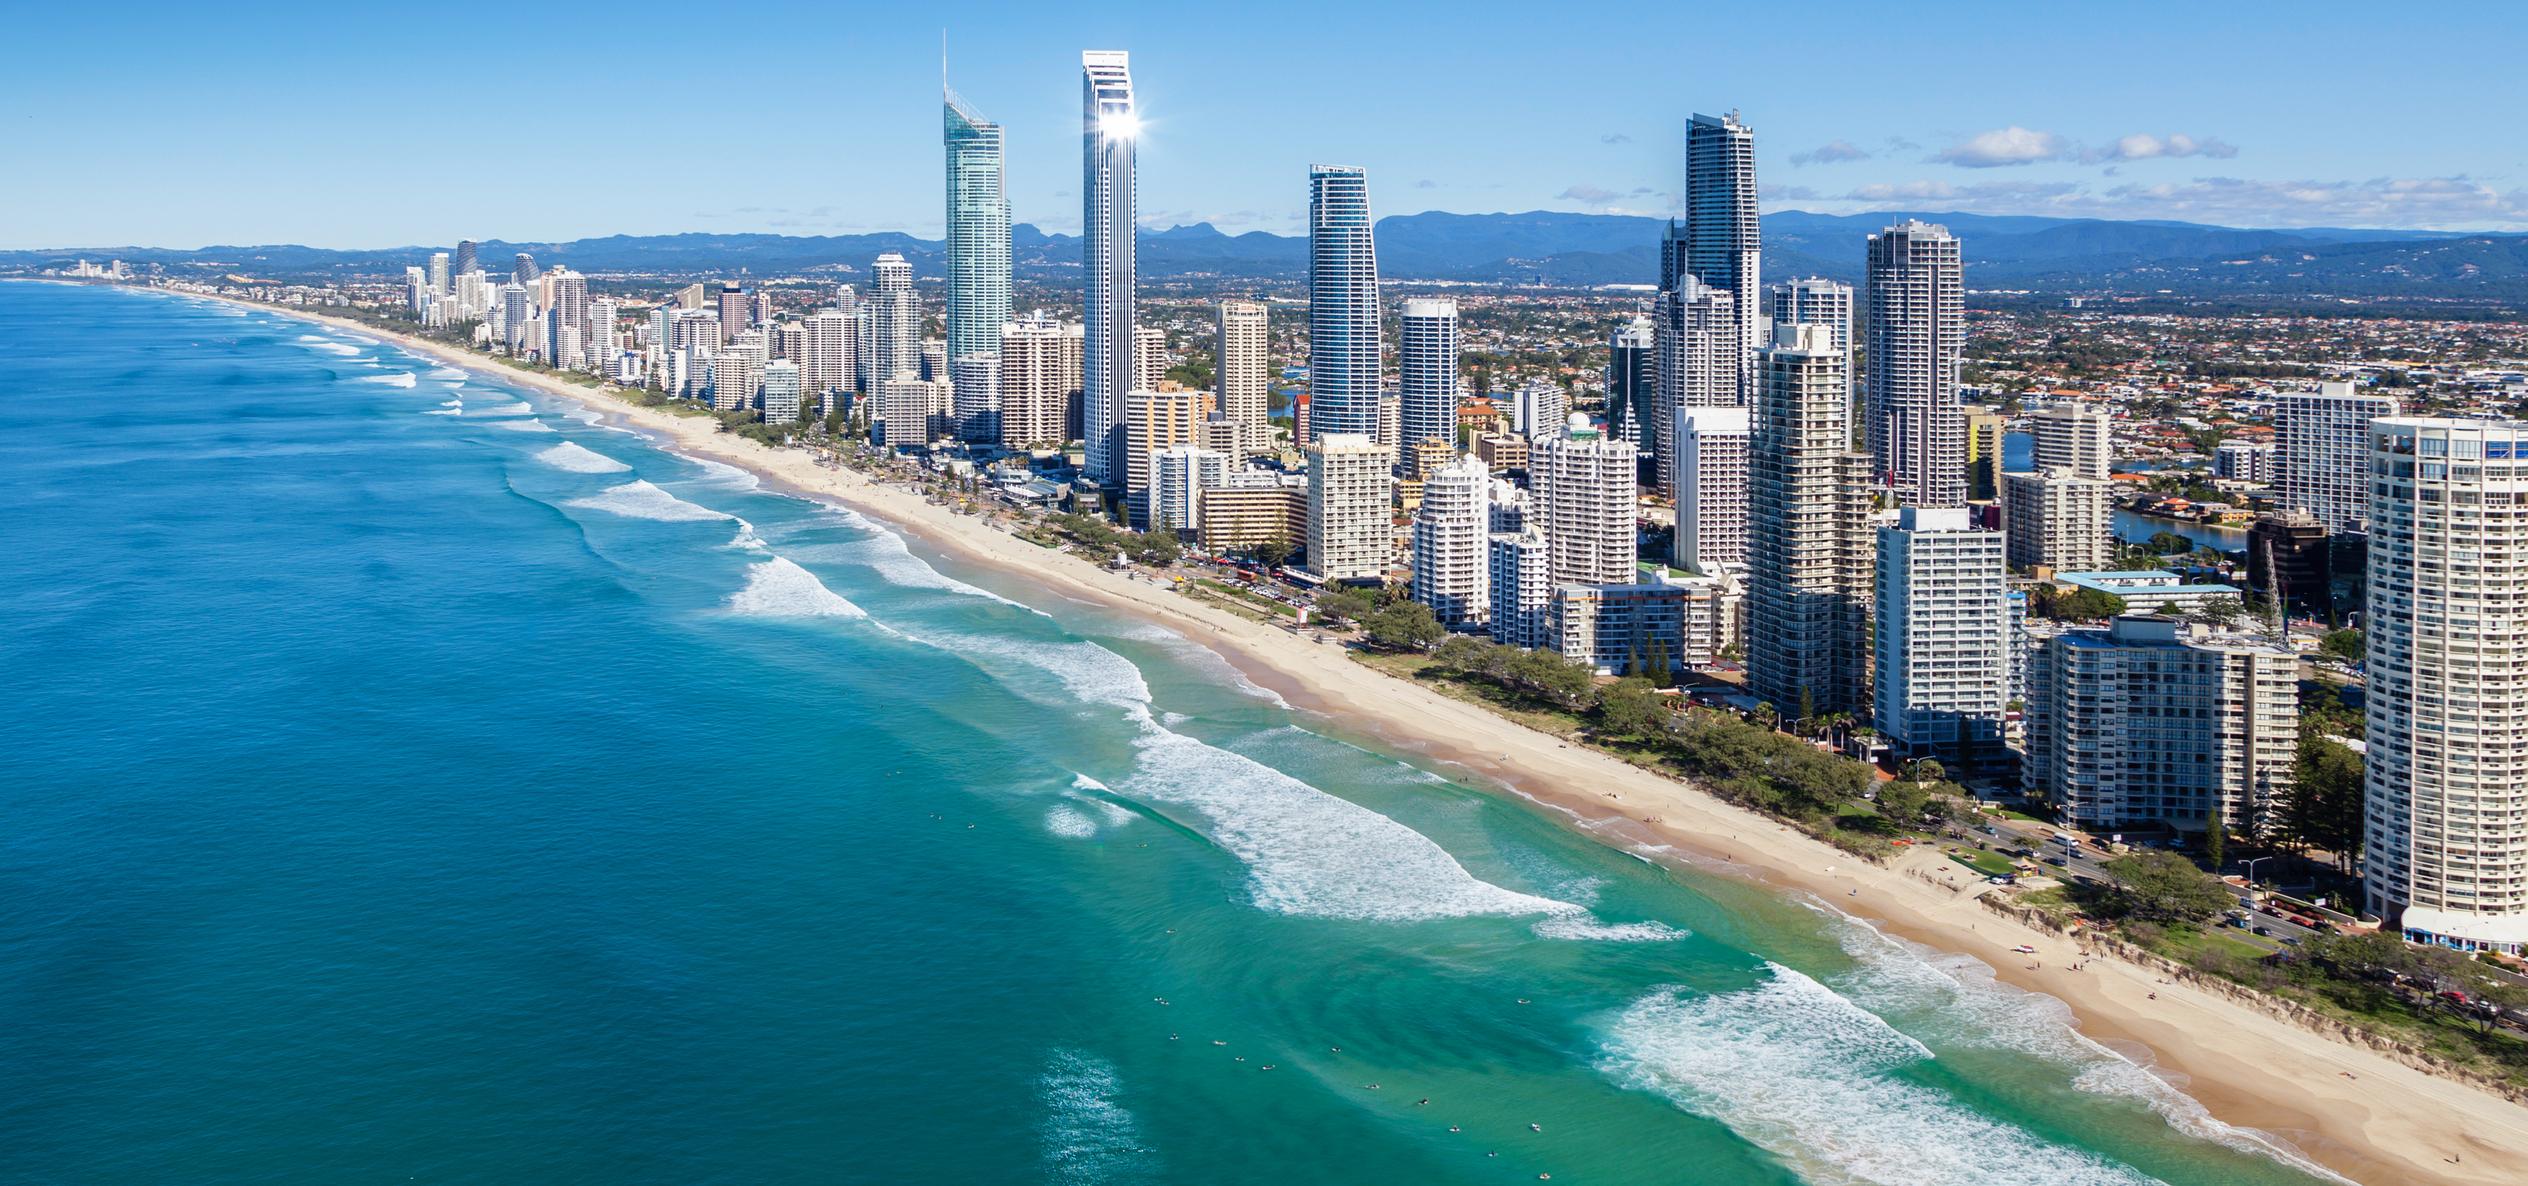 Trabalhar e Estudar no Exterior - Gold Coast